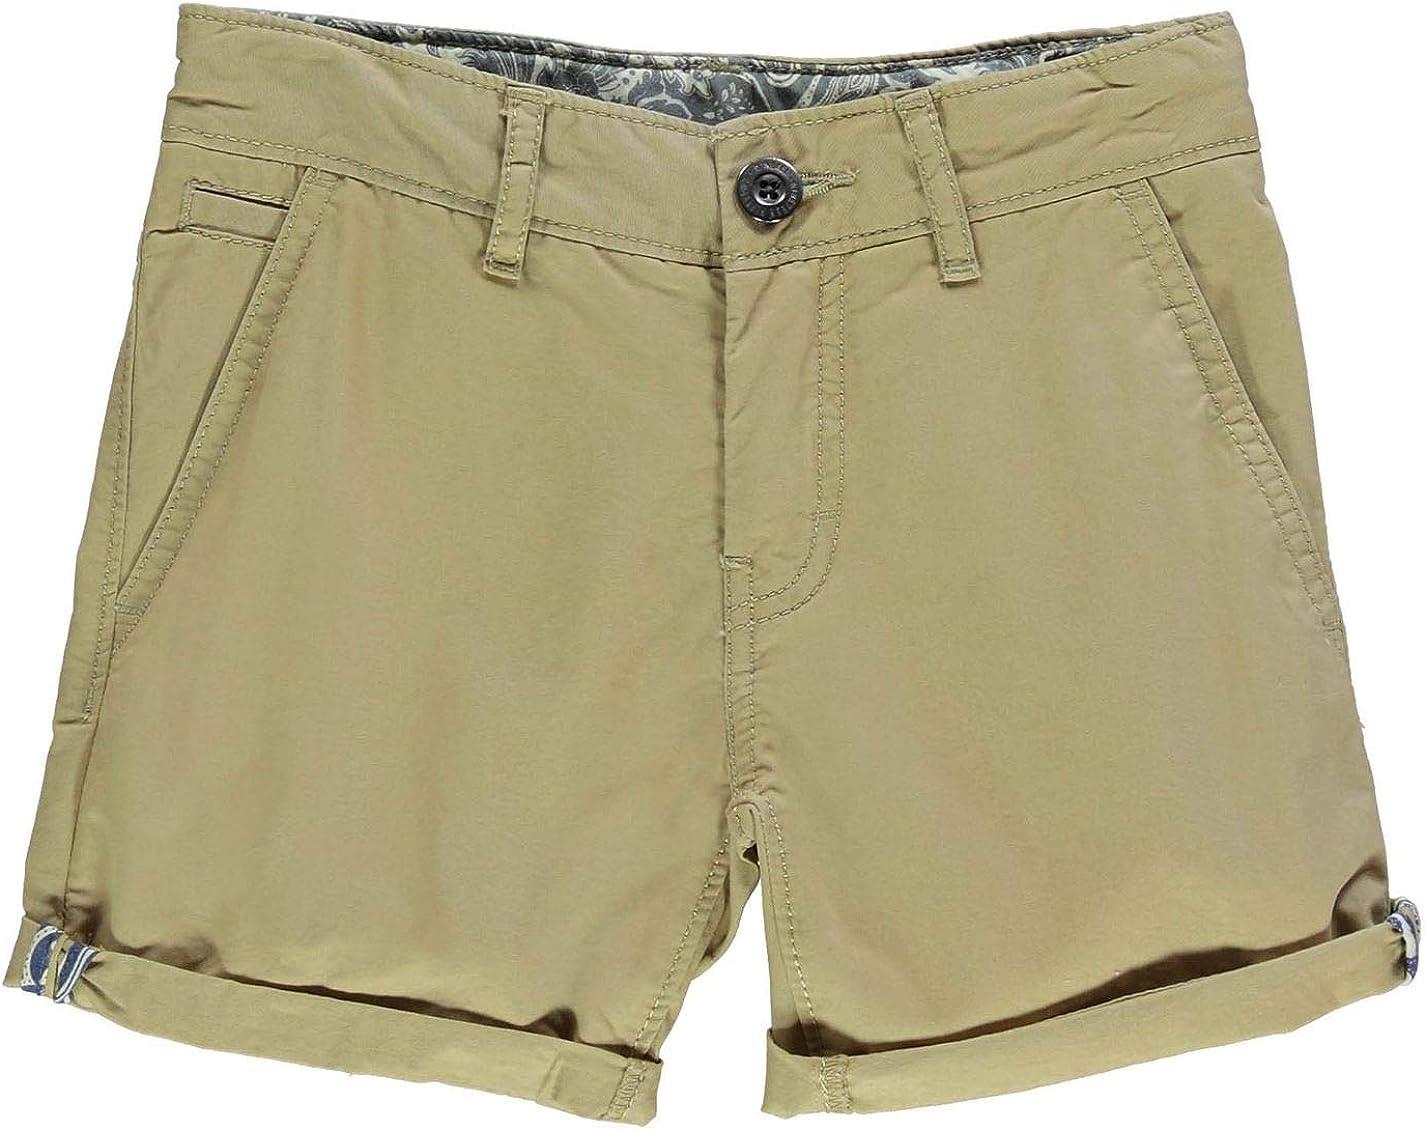 ONEILL Oneill Boys Lb Shorts